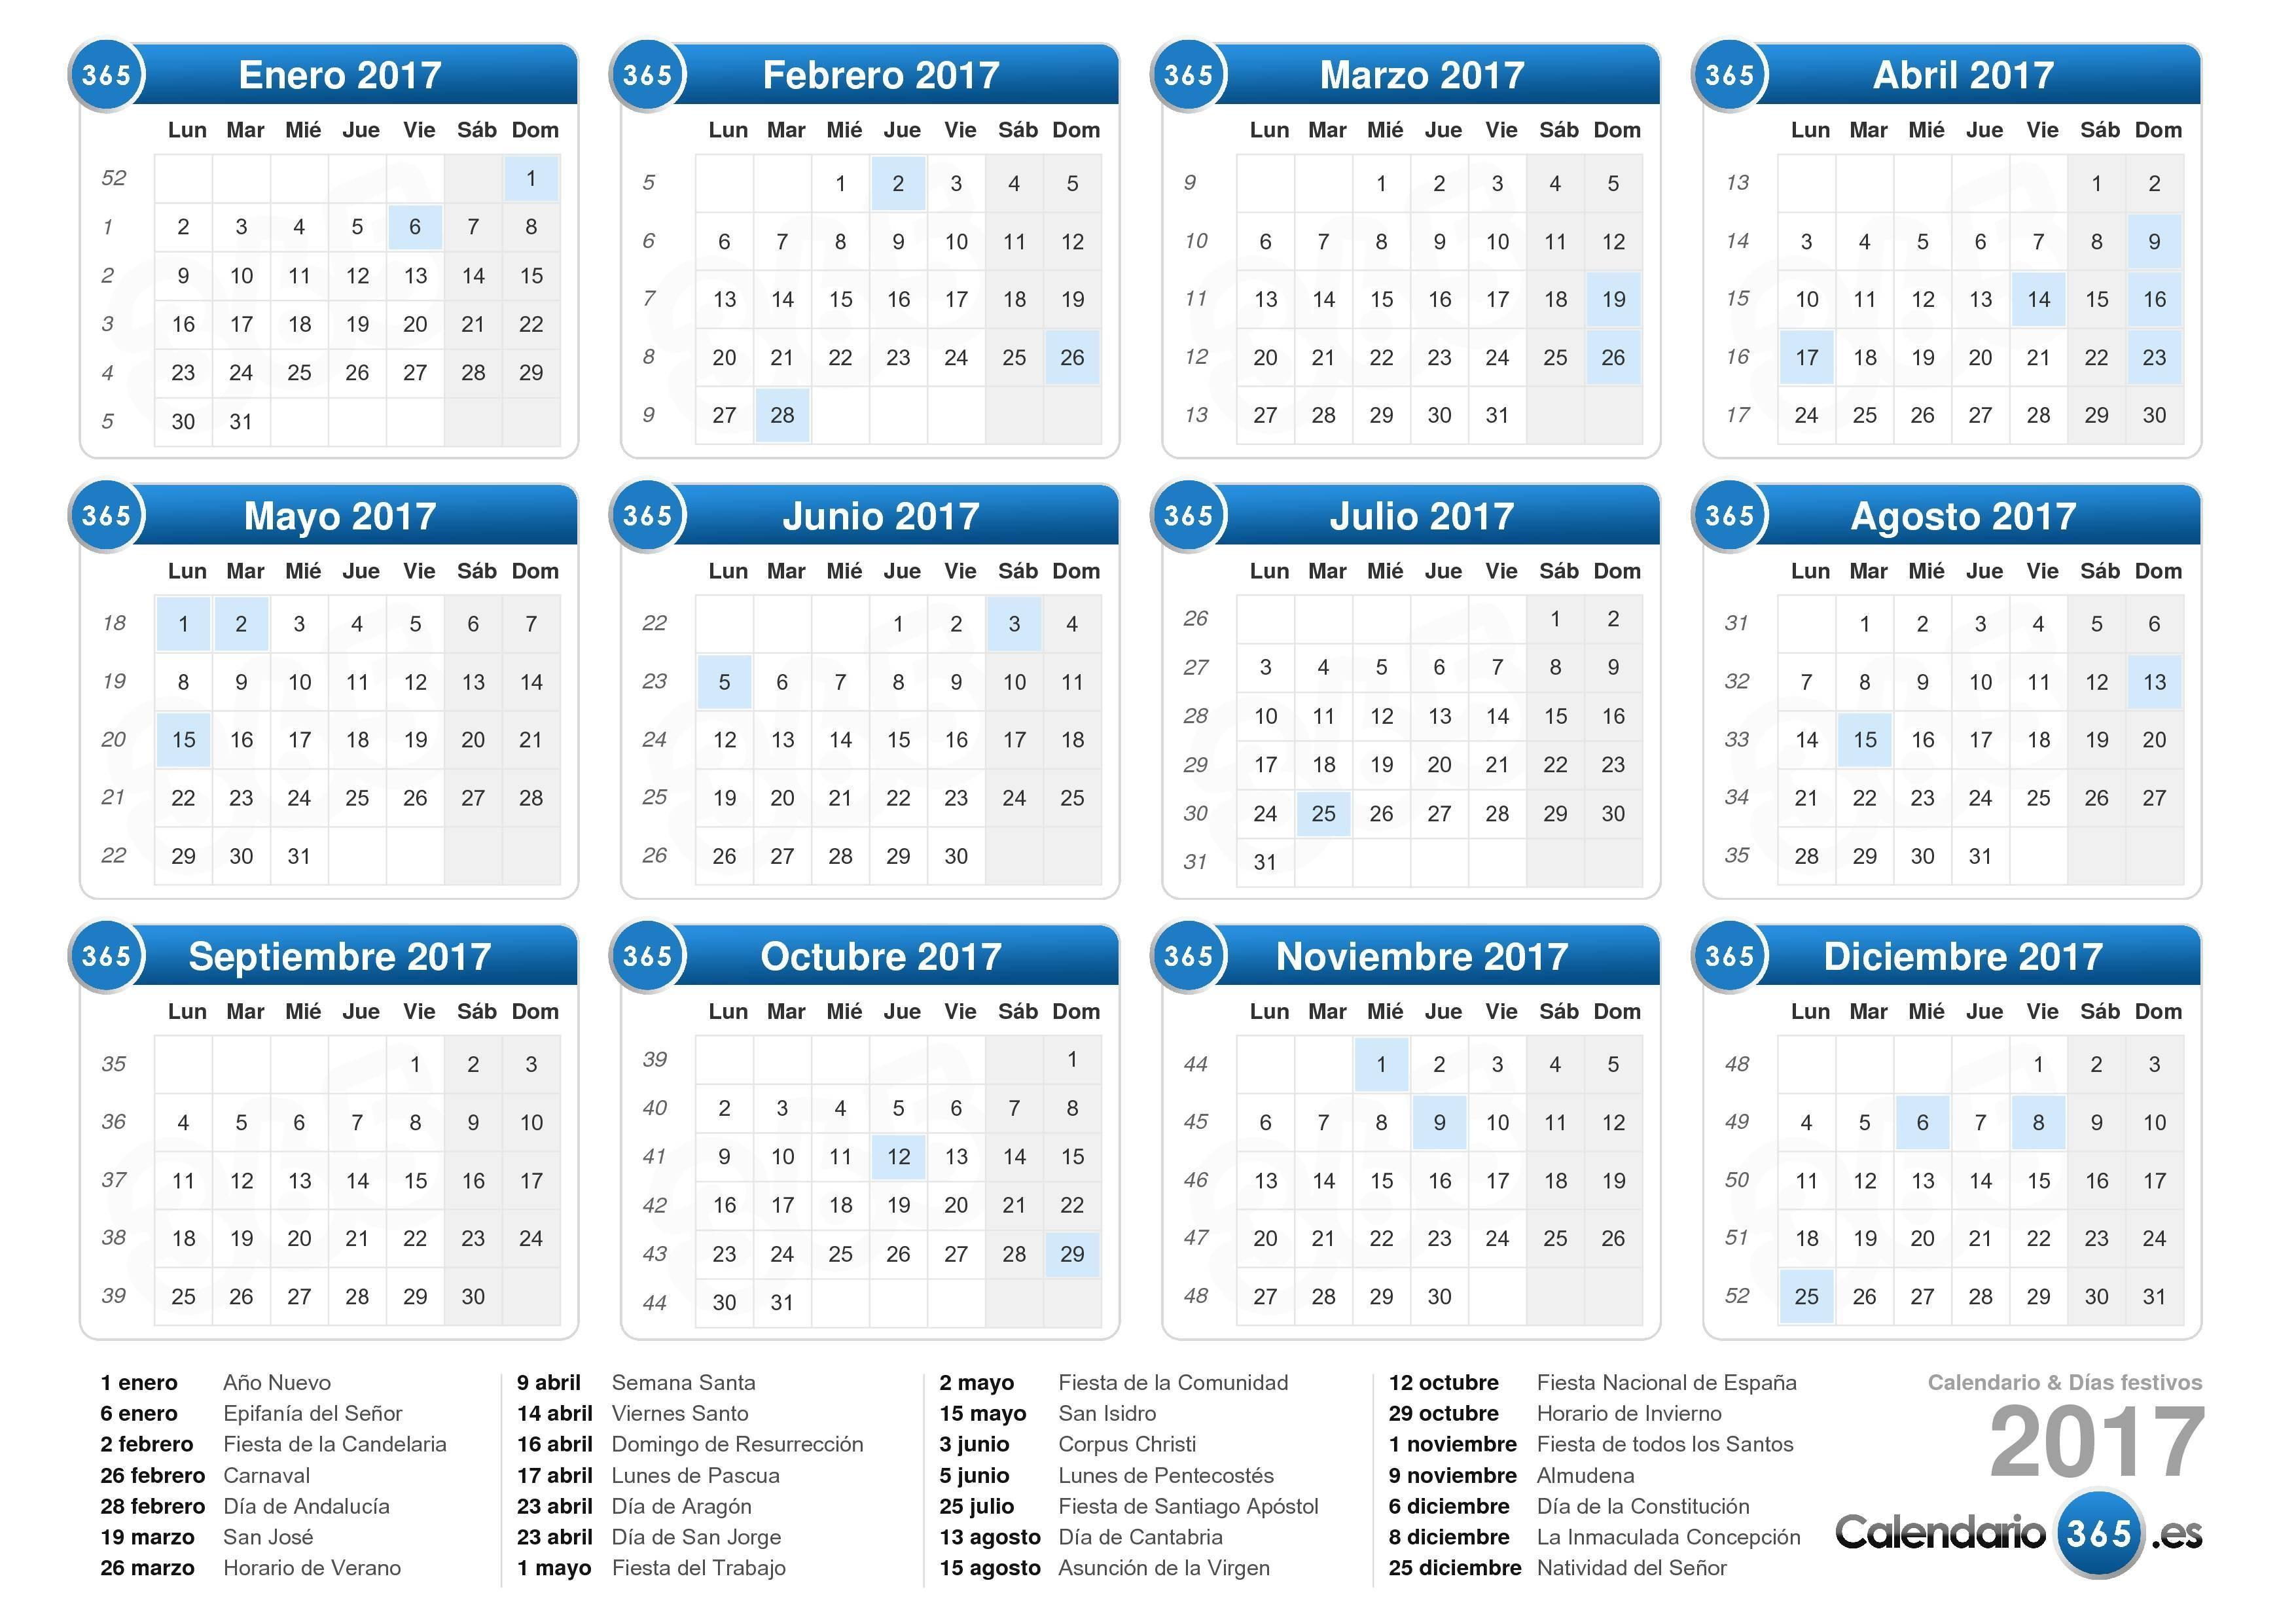 Calendario Lunar Febrero 2019 Chile Más Recientemente Liberado Calendario 2017 Of Calendario Lunar Febrero 2019 Chile Más Reciente Resultado De Imagen De Calendario 2018 Bonito Lettering